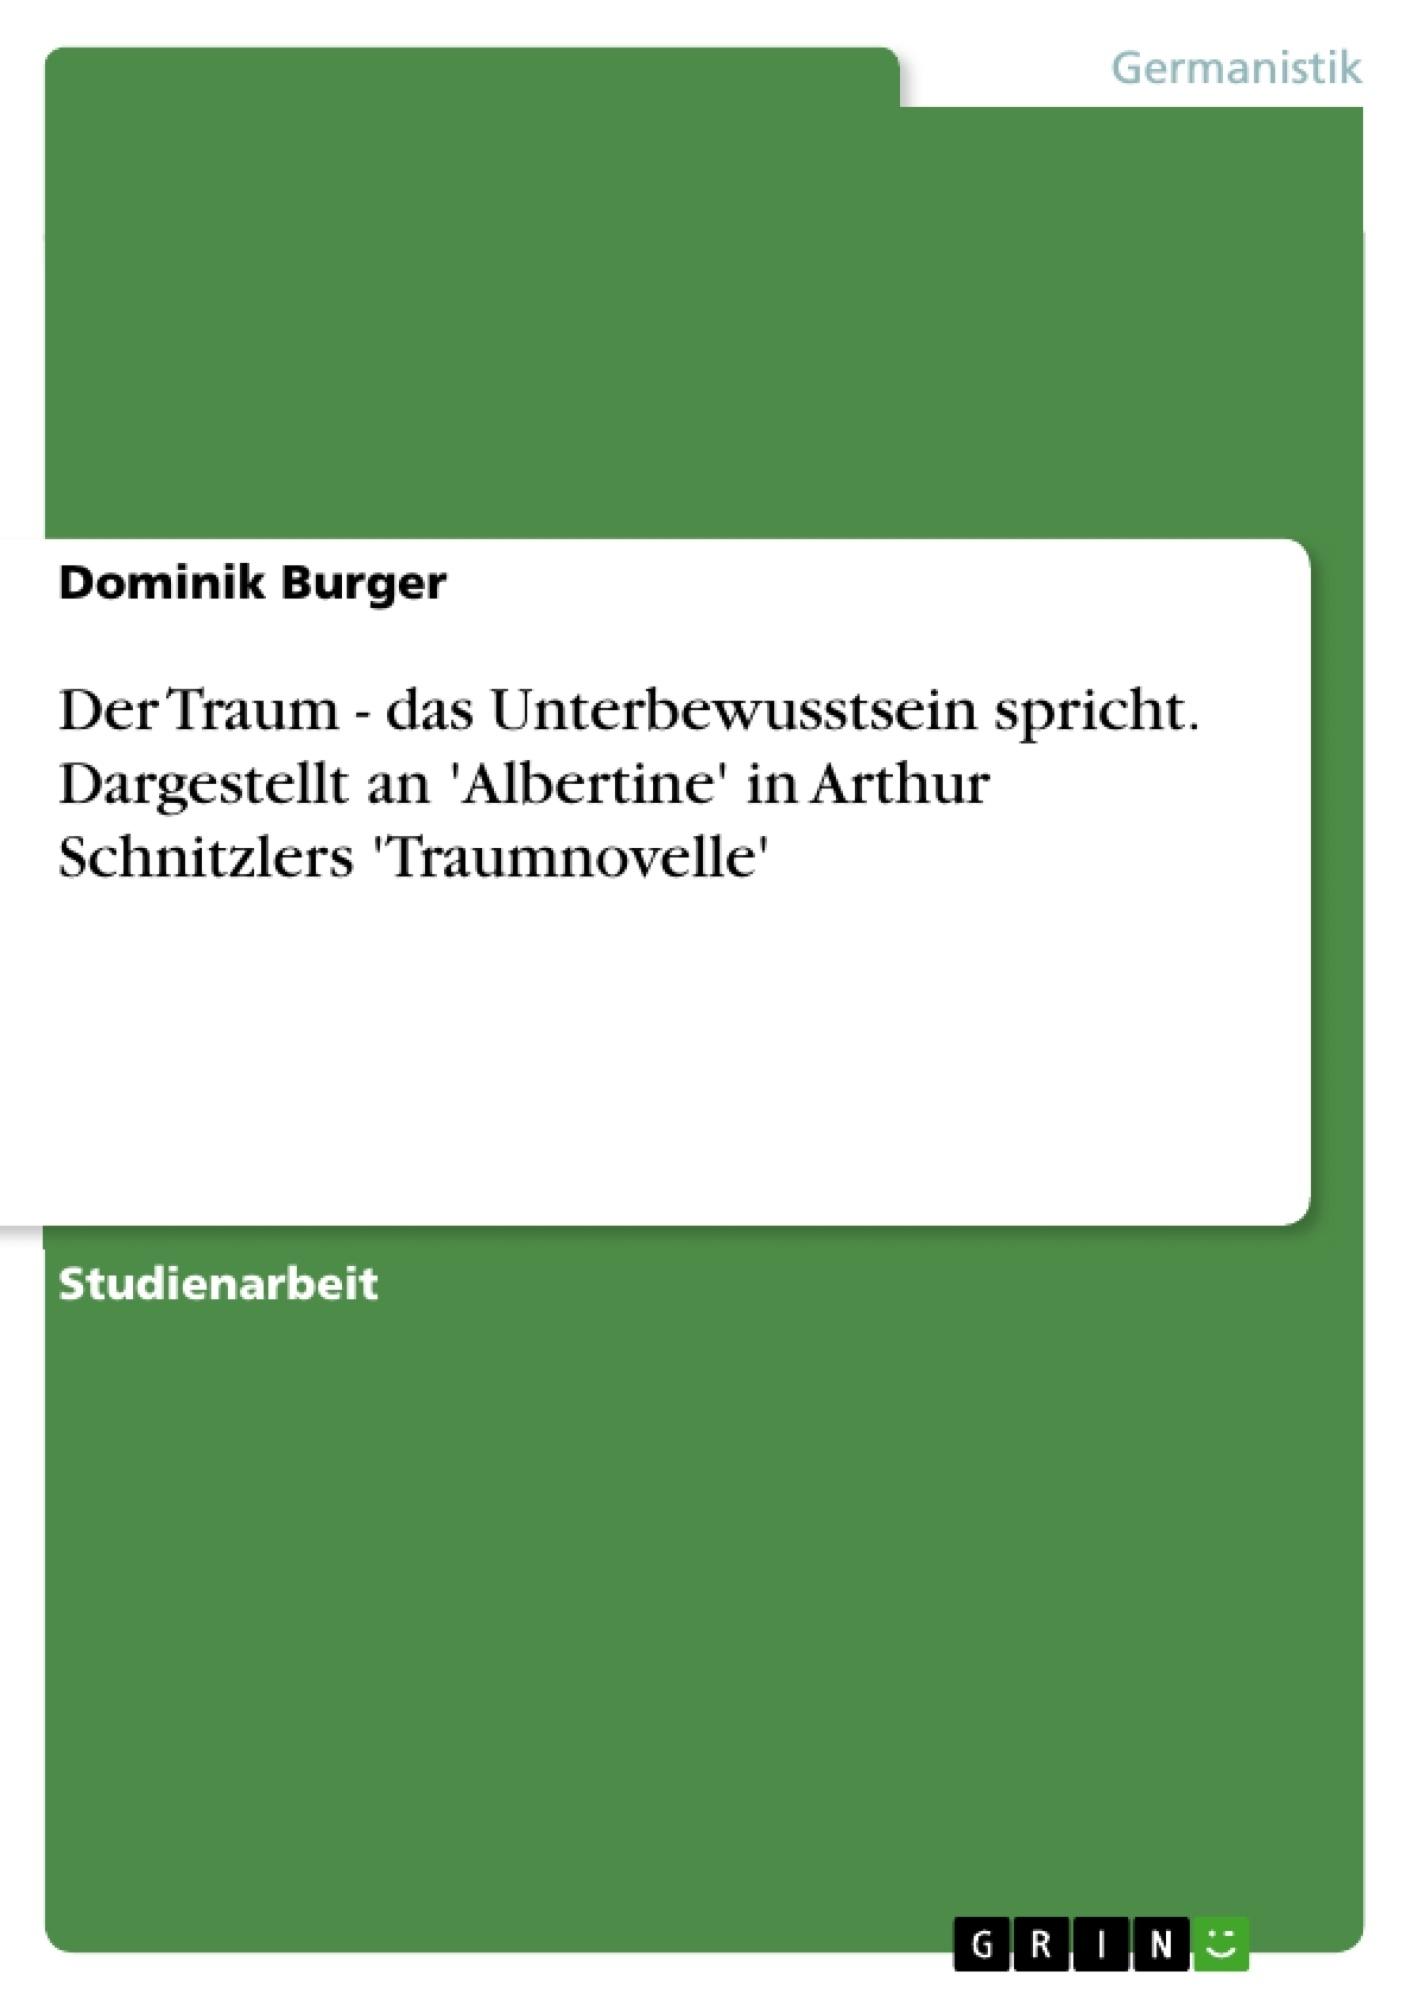 Titel: Der Traum - das Unterbewusstsein spricht. Dargestellt an 'Albertine' in Arthur Schnitzlers 'Traumnovelle'